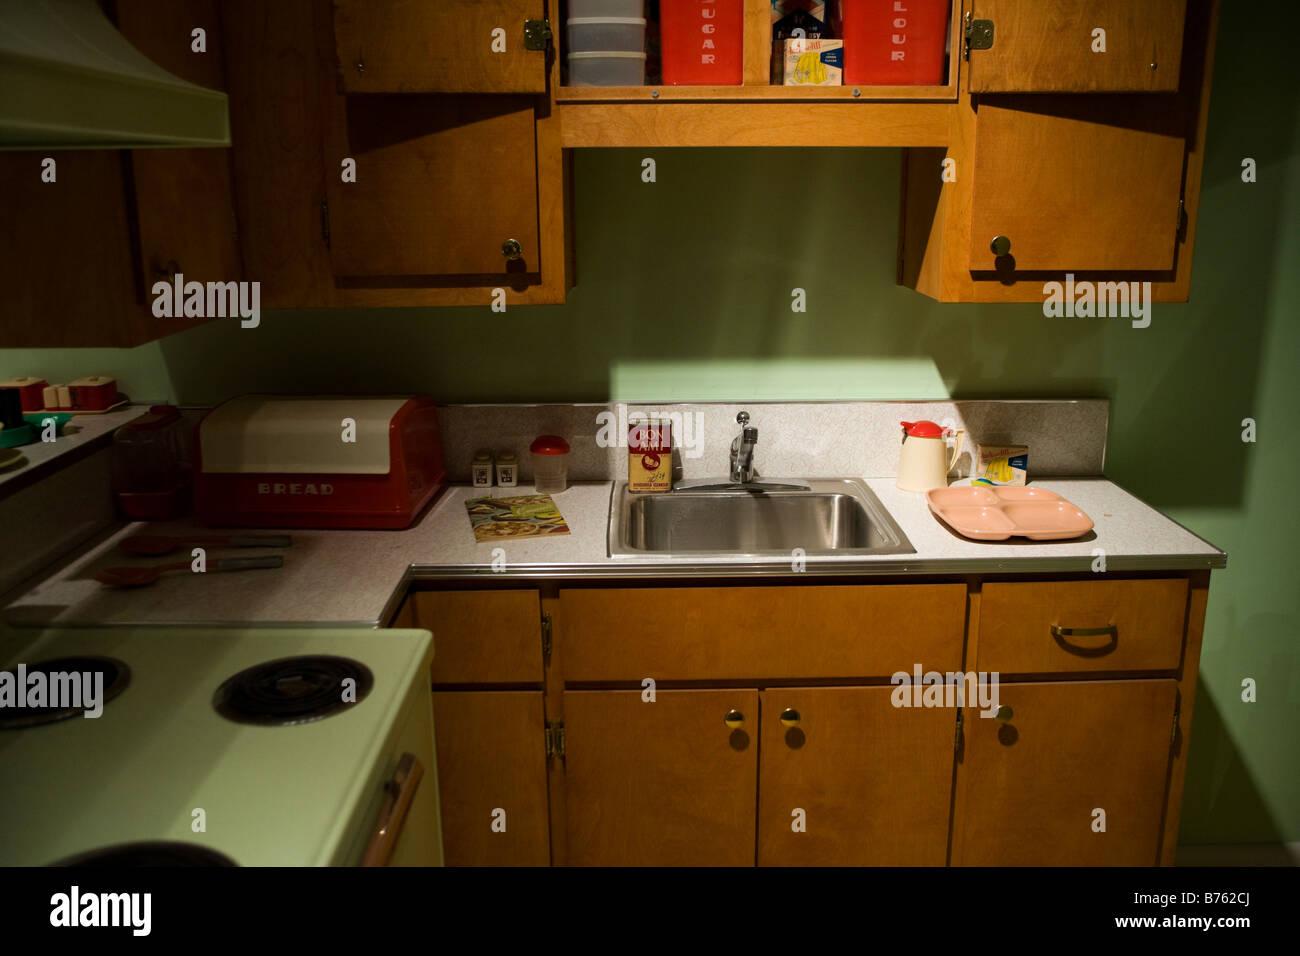 Amerikanischer Kühlschrank 50er Jahre : Er jahre amerikanische küche usa stockfoto bild  alamy